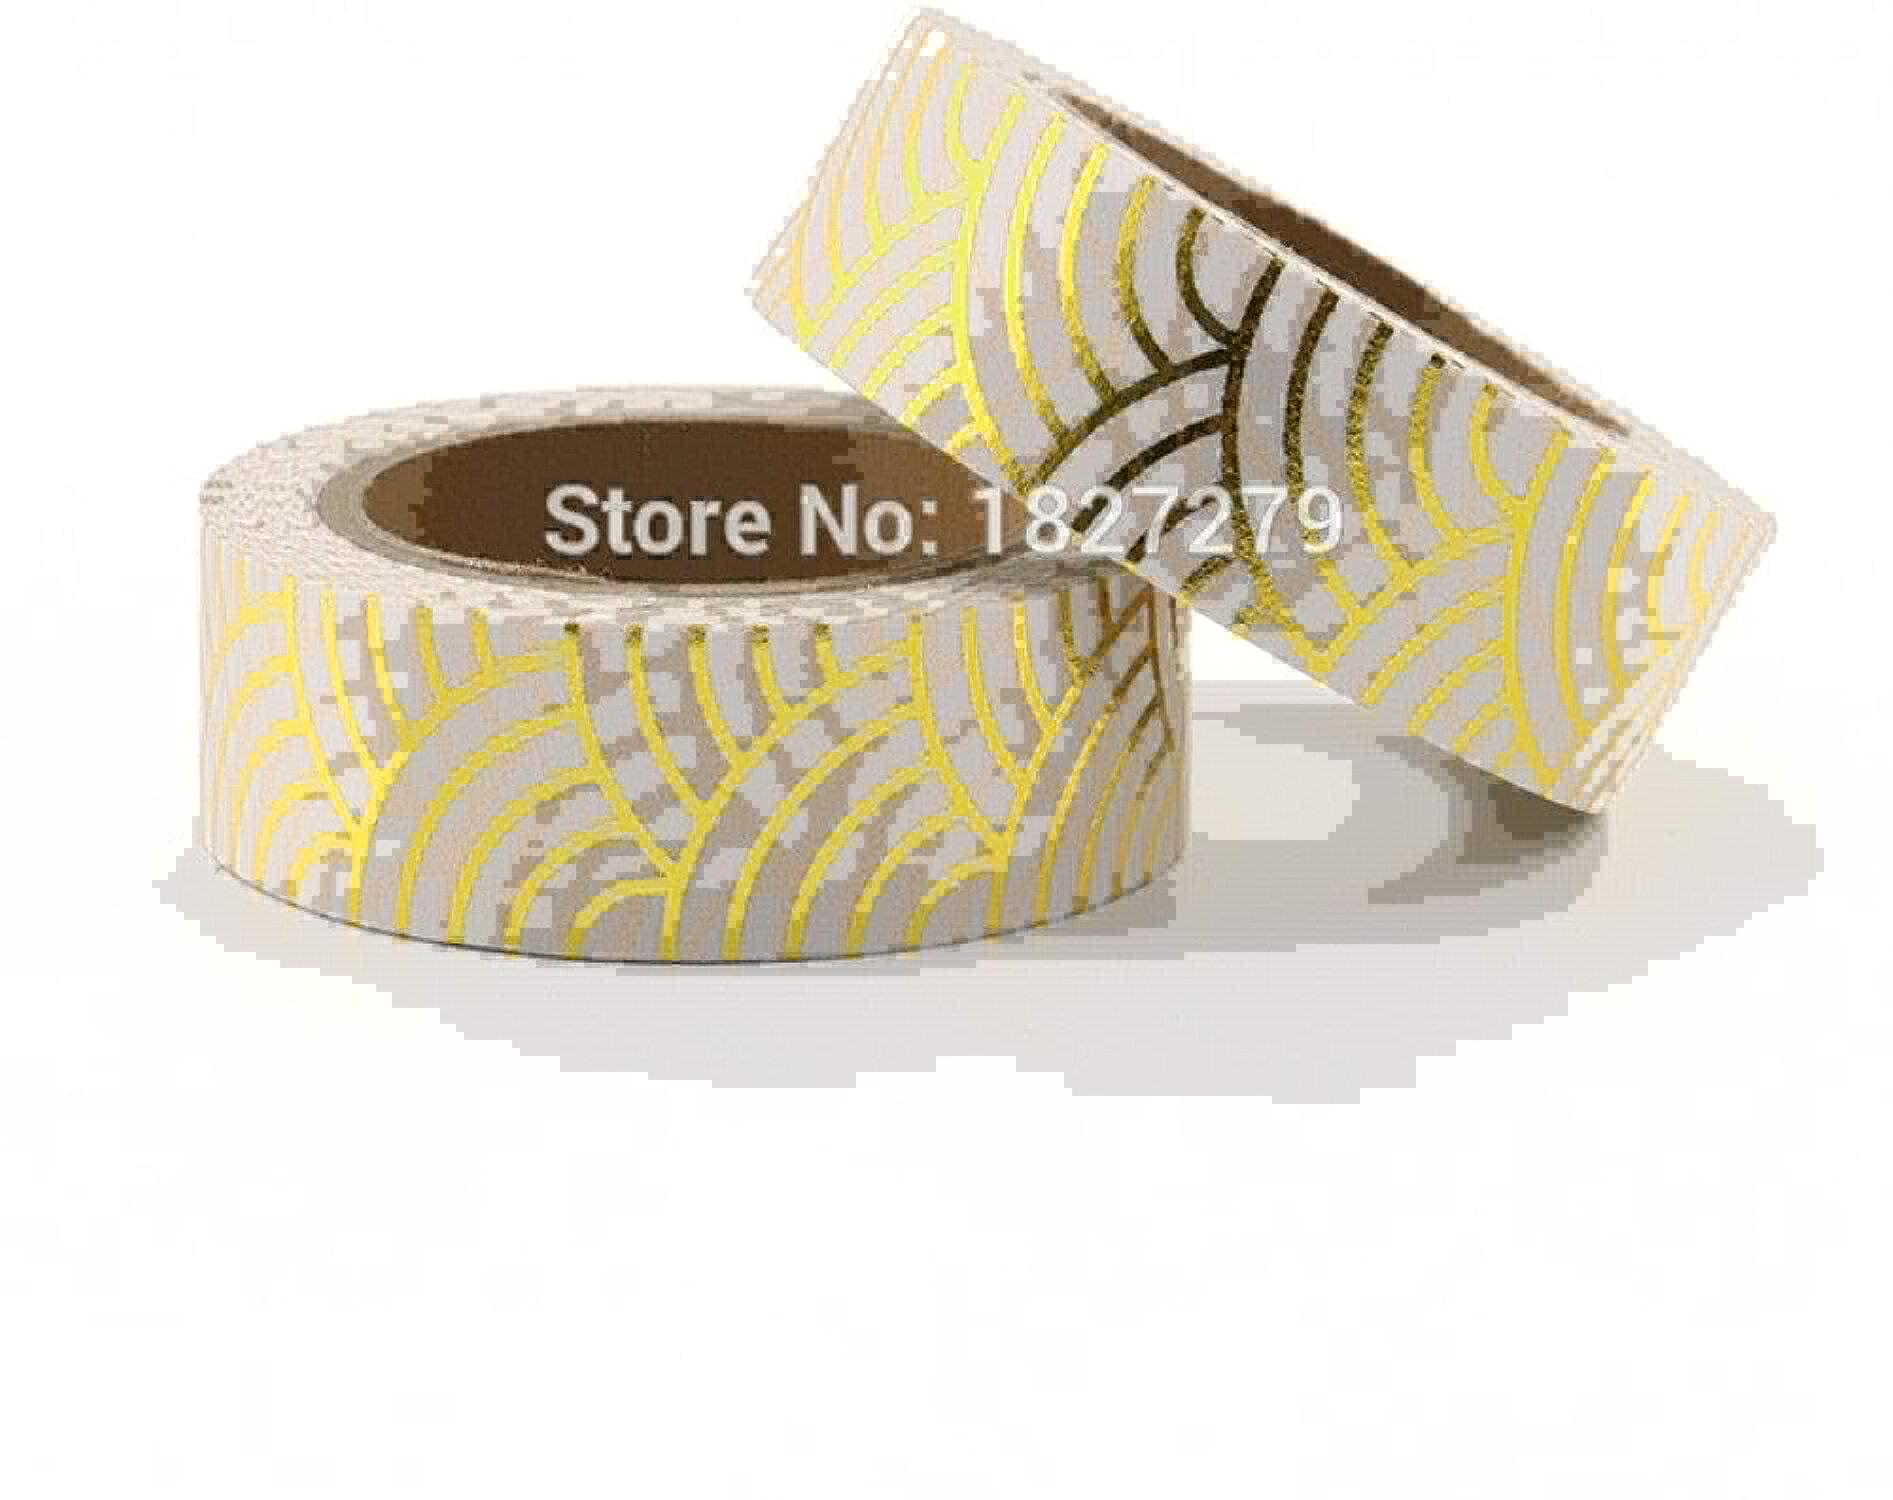 KANGKANGBOOS Cinta de enmascarar 10 unids oro Foil Washi Tape Papel Japonés 1.5  10 Metros Kawaii Scrapbooking Herramientas Colors Sólidos Cinta Adhesiva Decorativa Decorativa